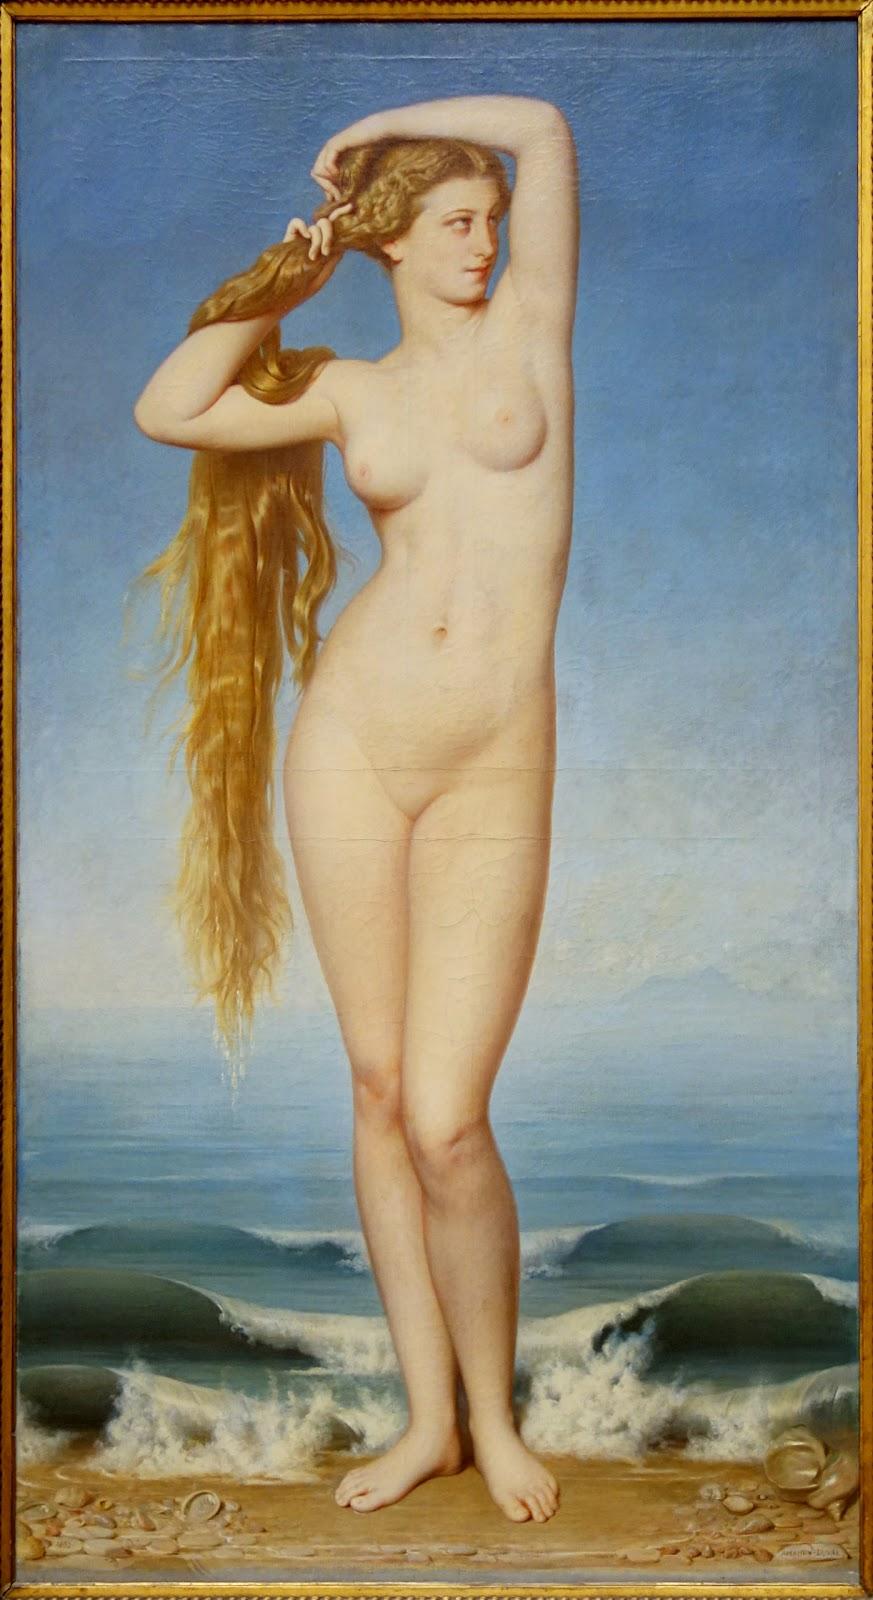 La Naissance de Venus - Eugene Amaury Duval (1862)